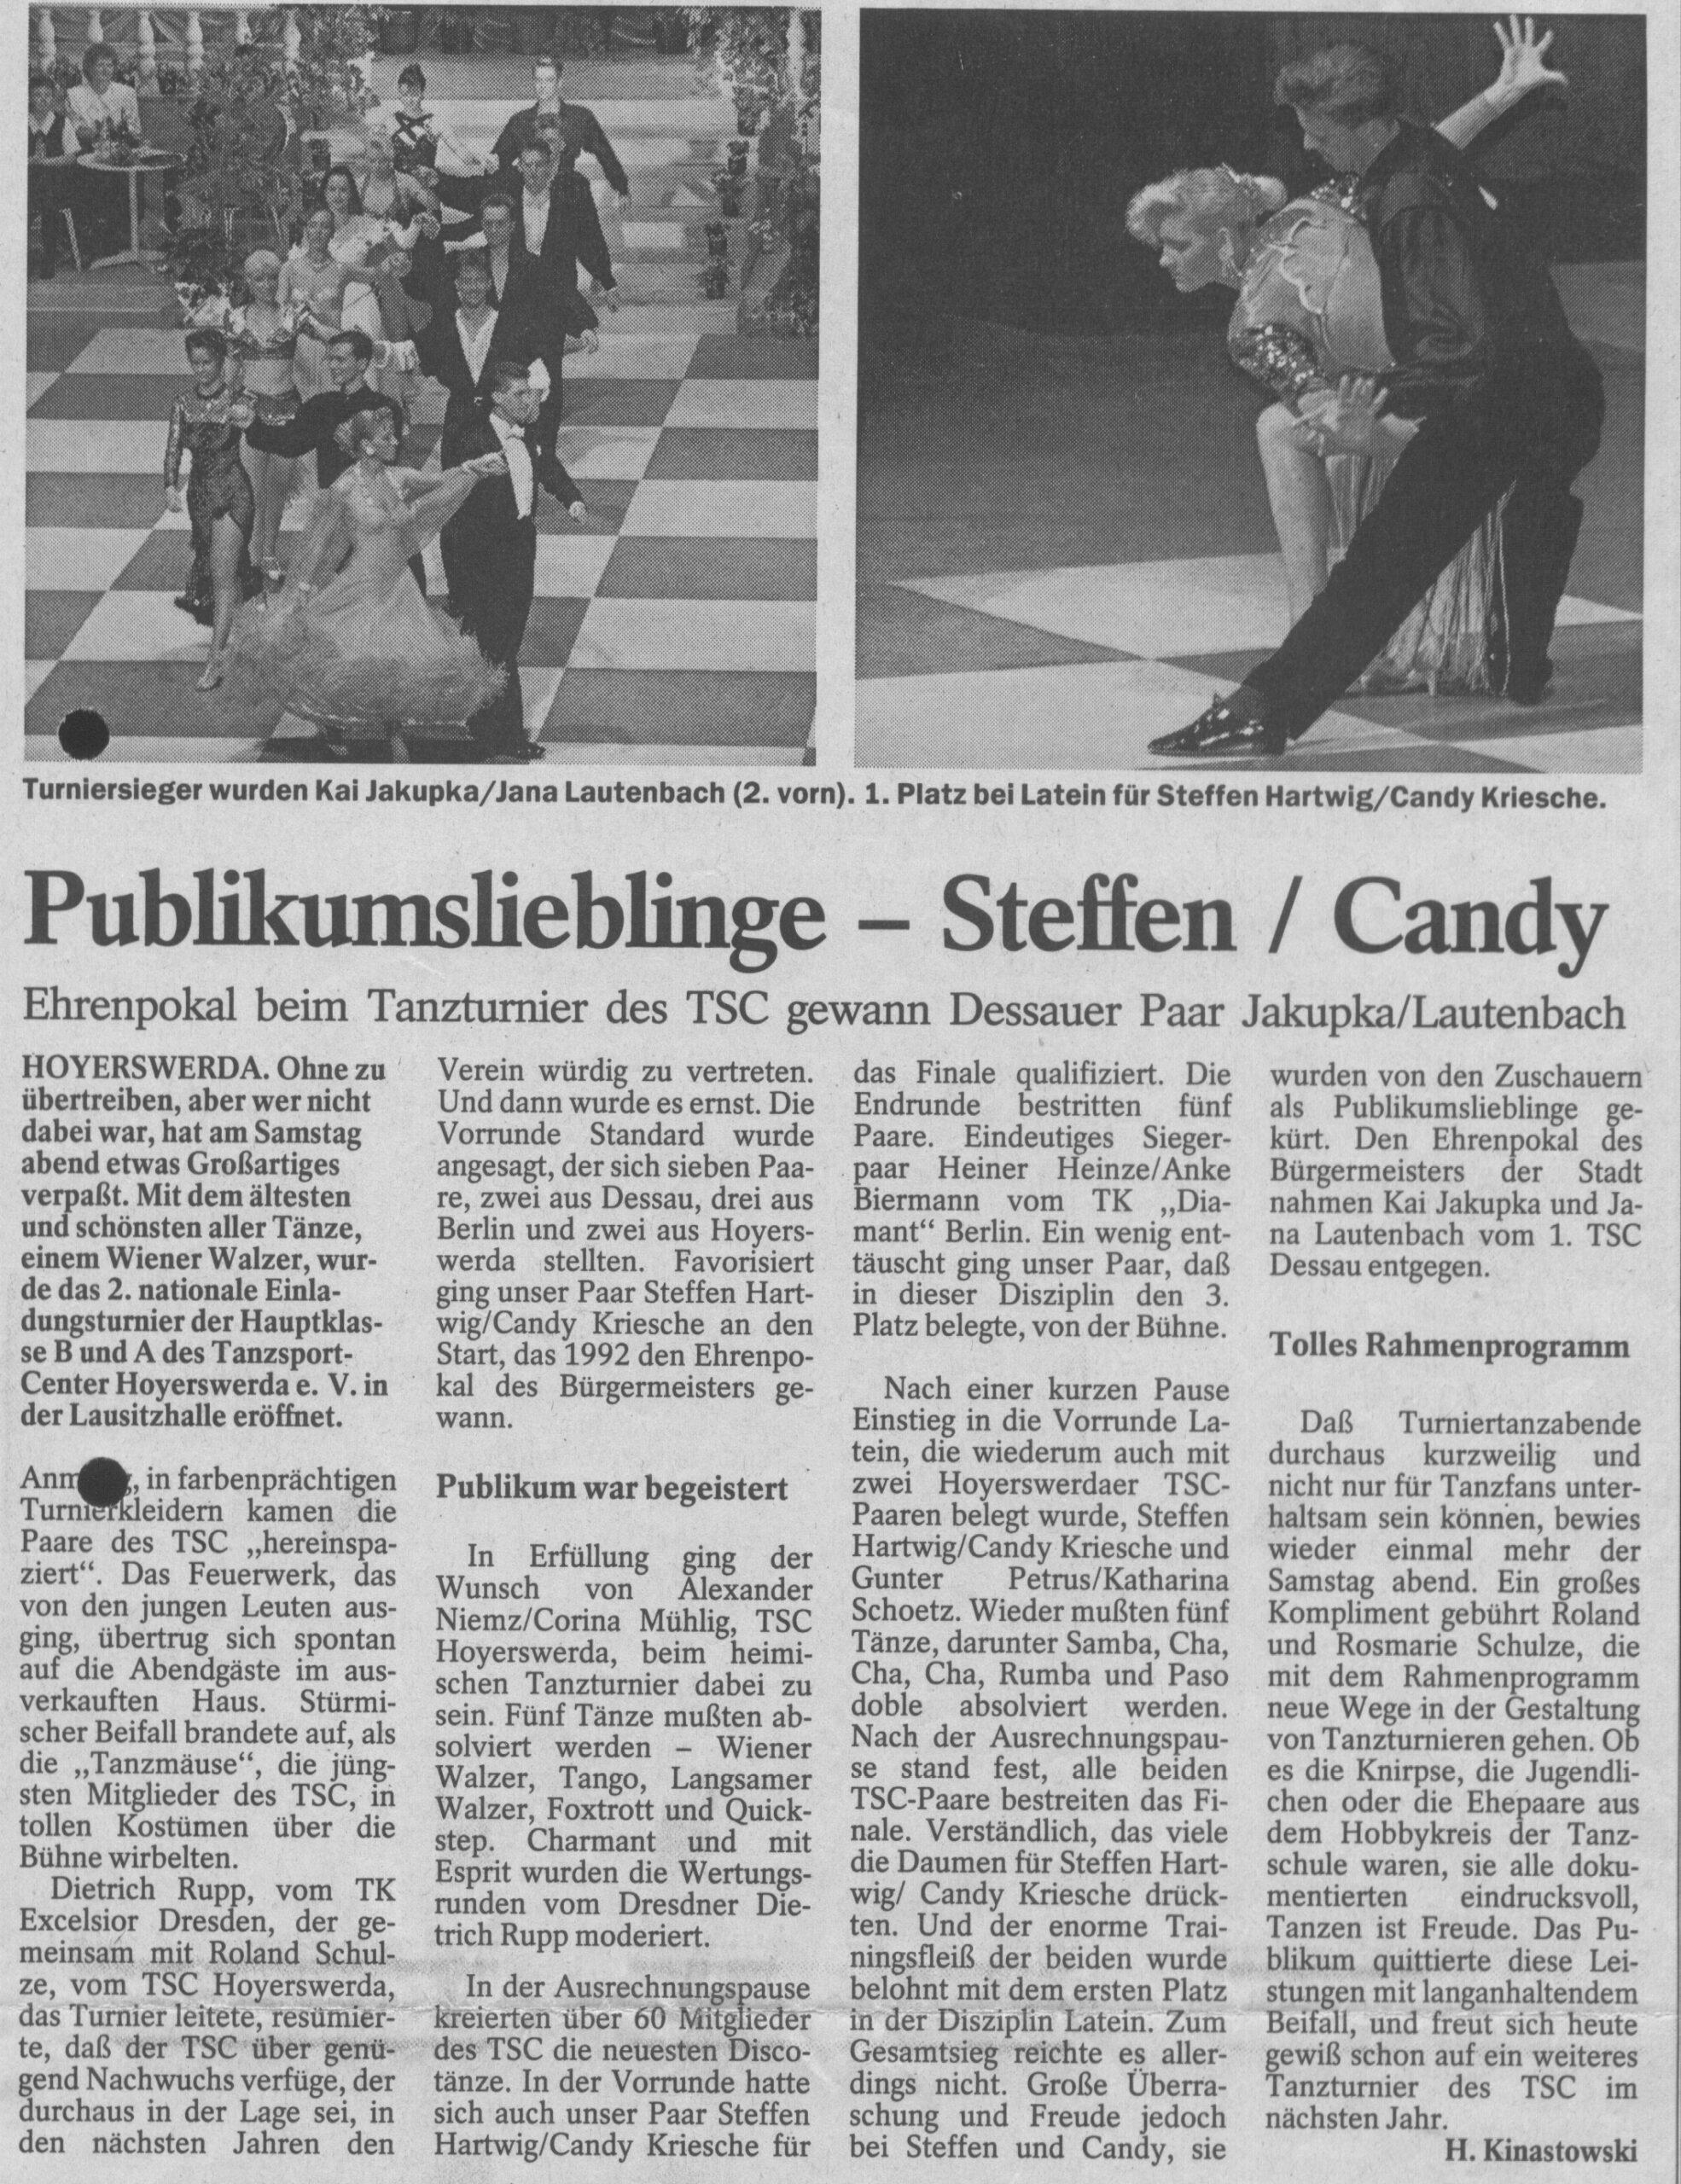 Tanzschule Tanzfabrik Bodensee Publikumslieblinge Steffen und Candy